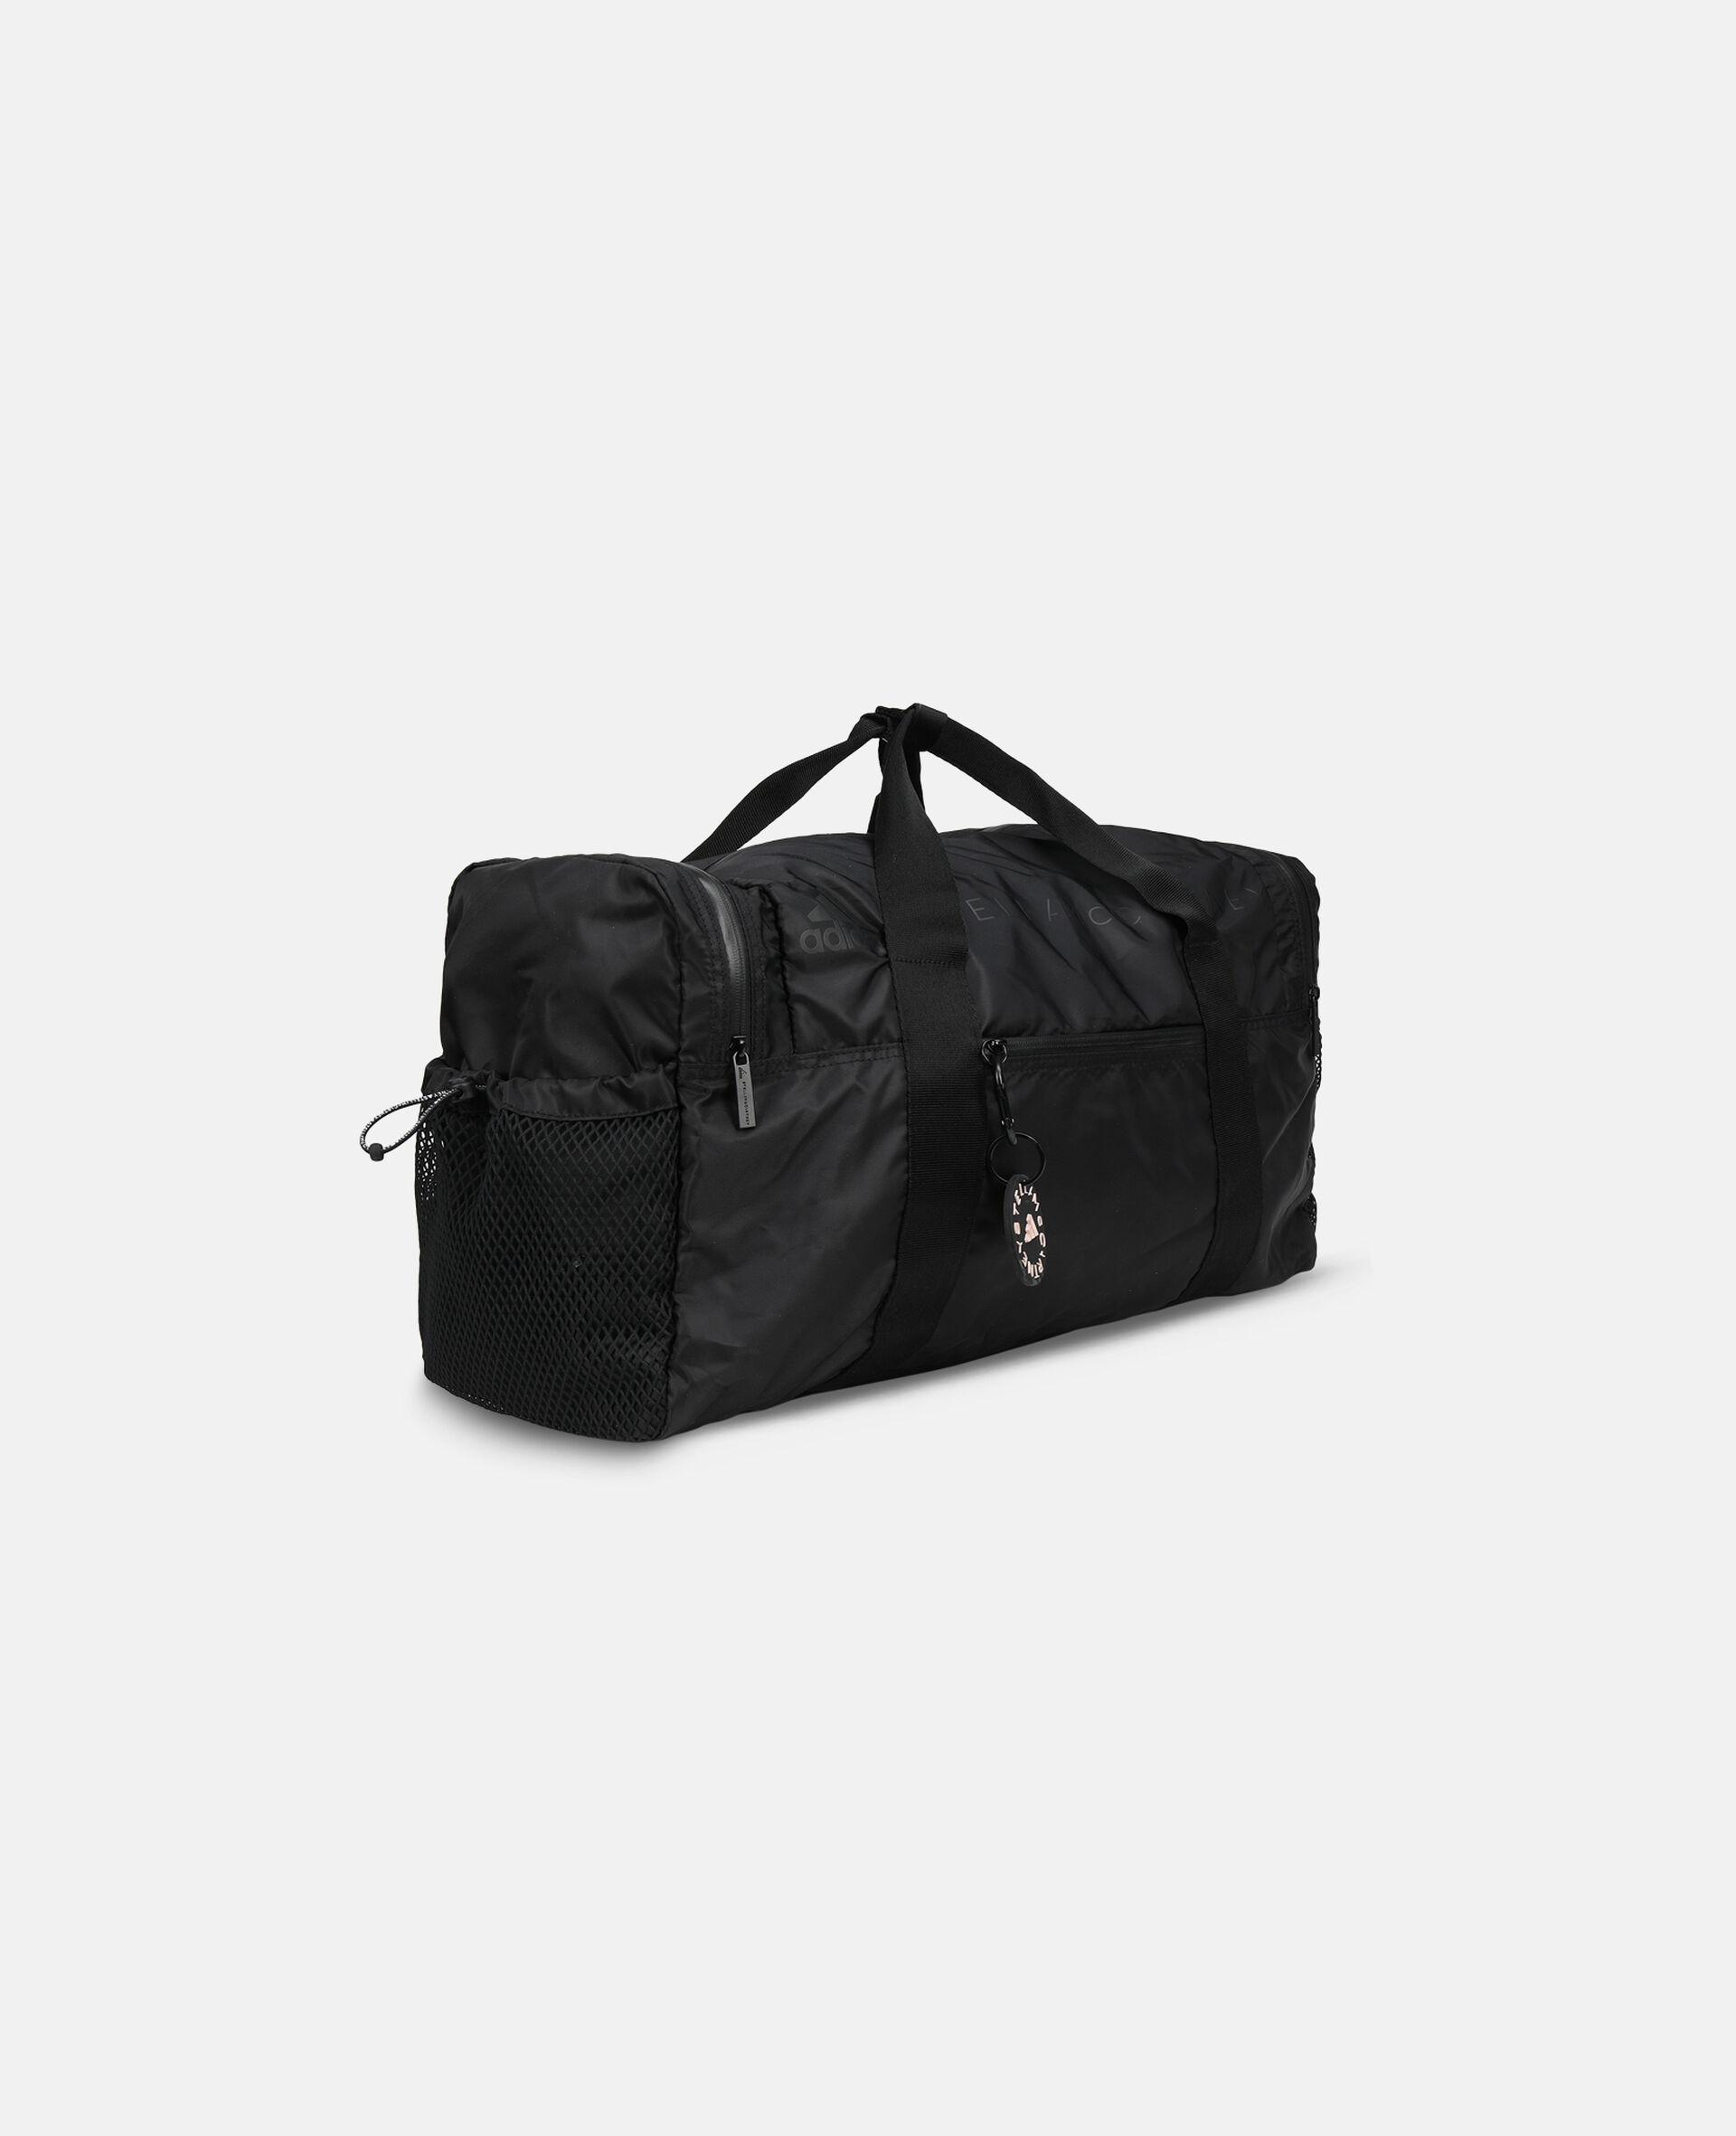 Black Squared Studio Bag-Black-large image number 1